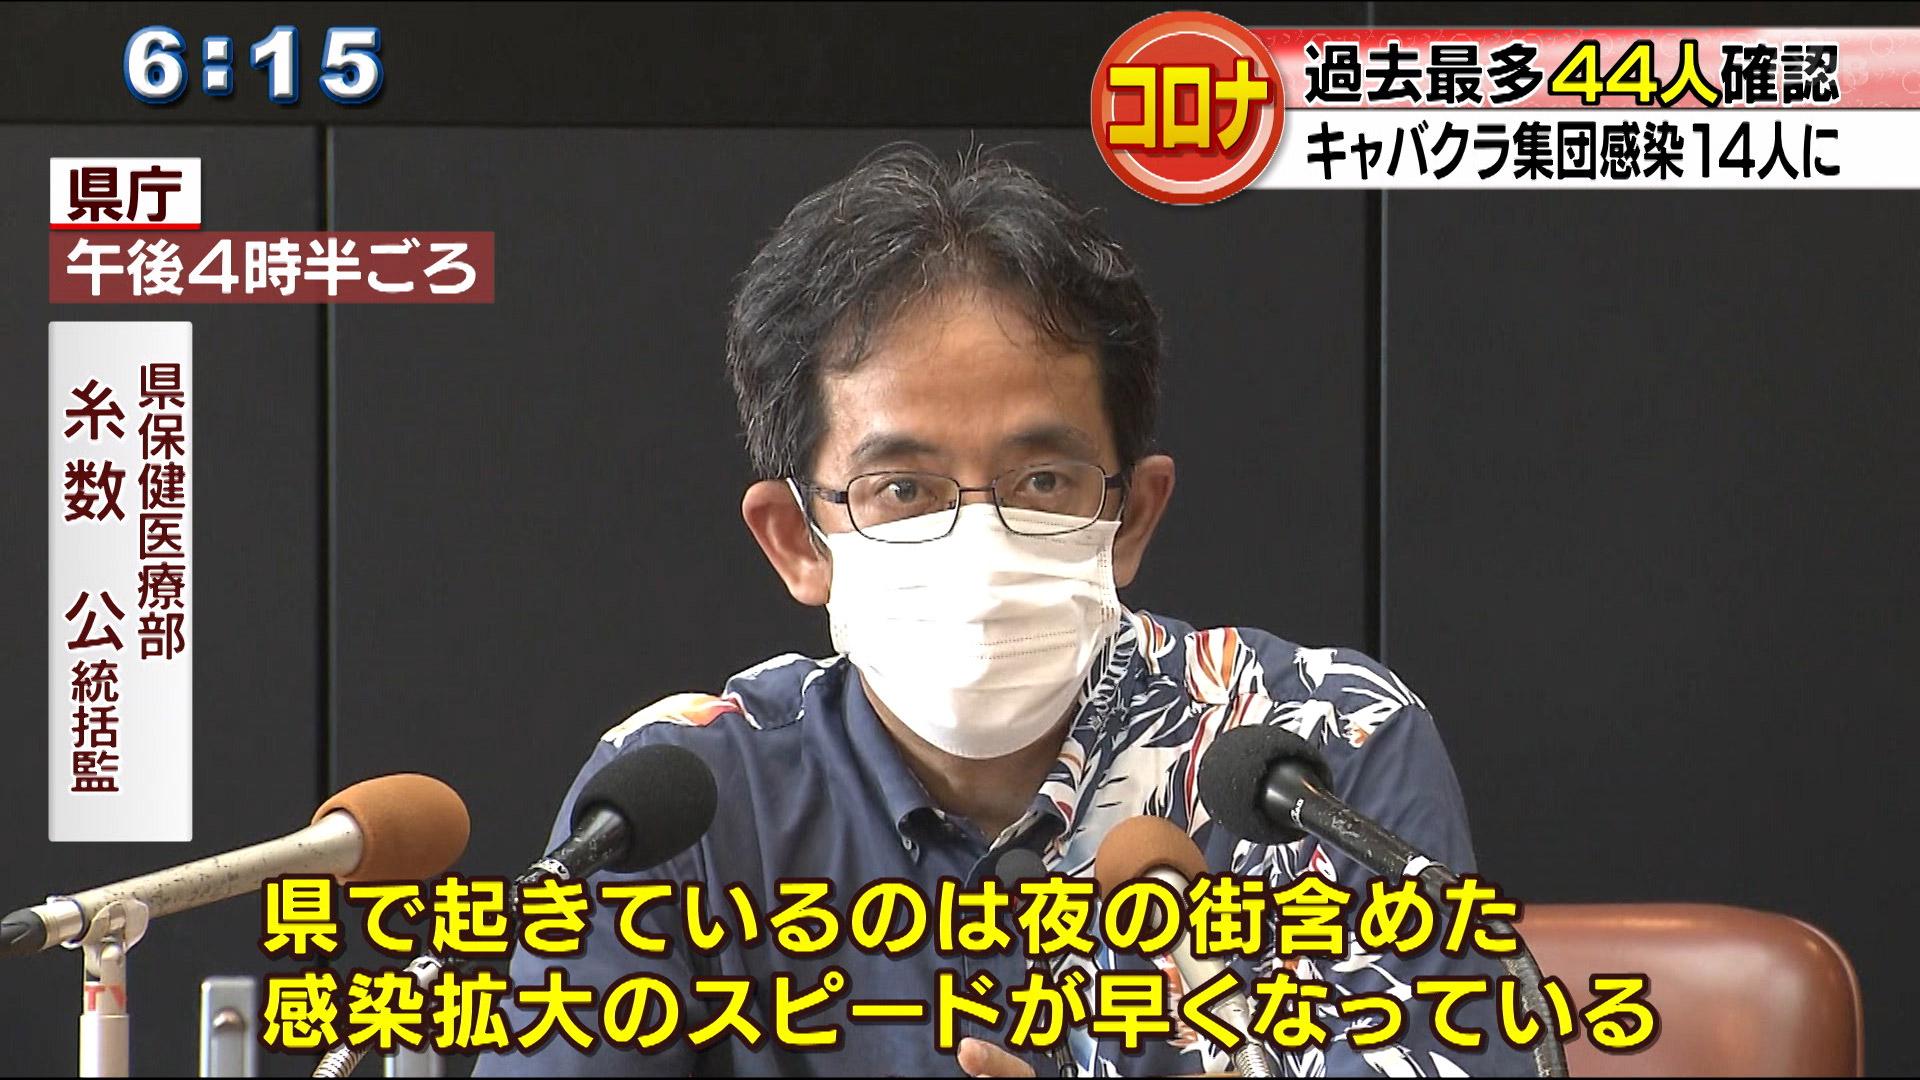 県内感染者44人過去最多